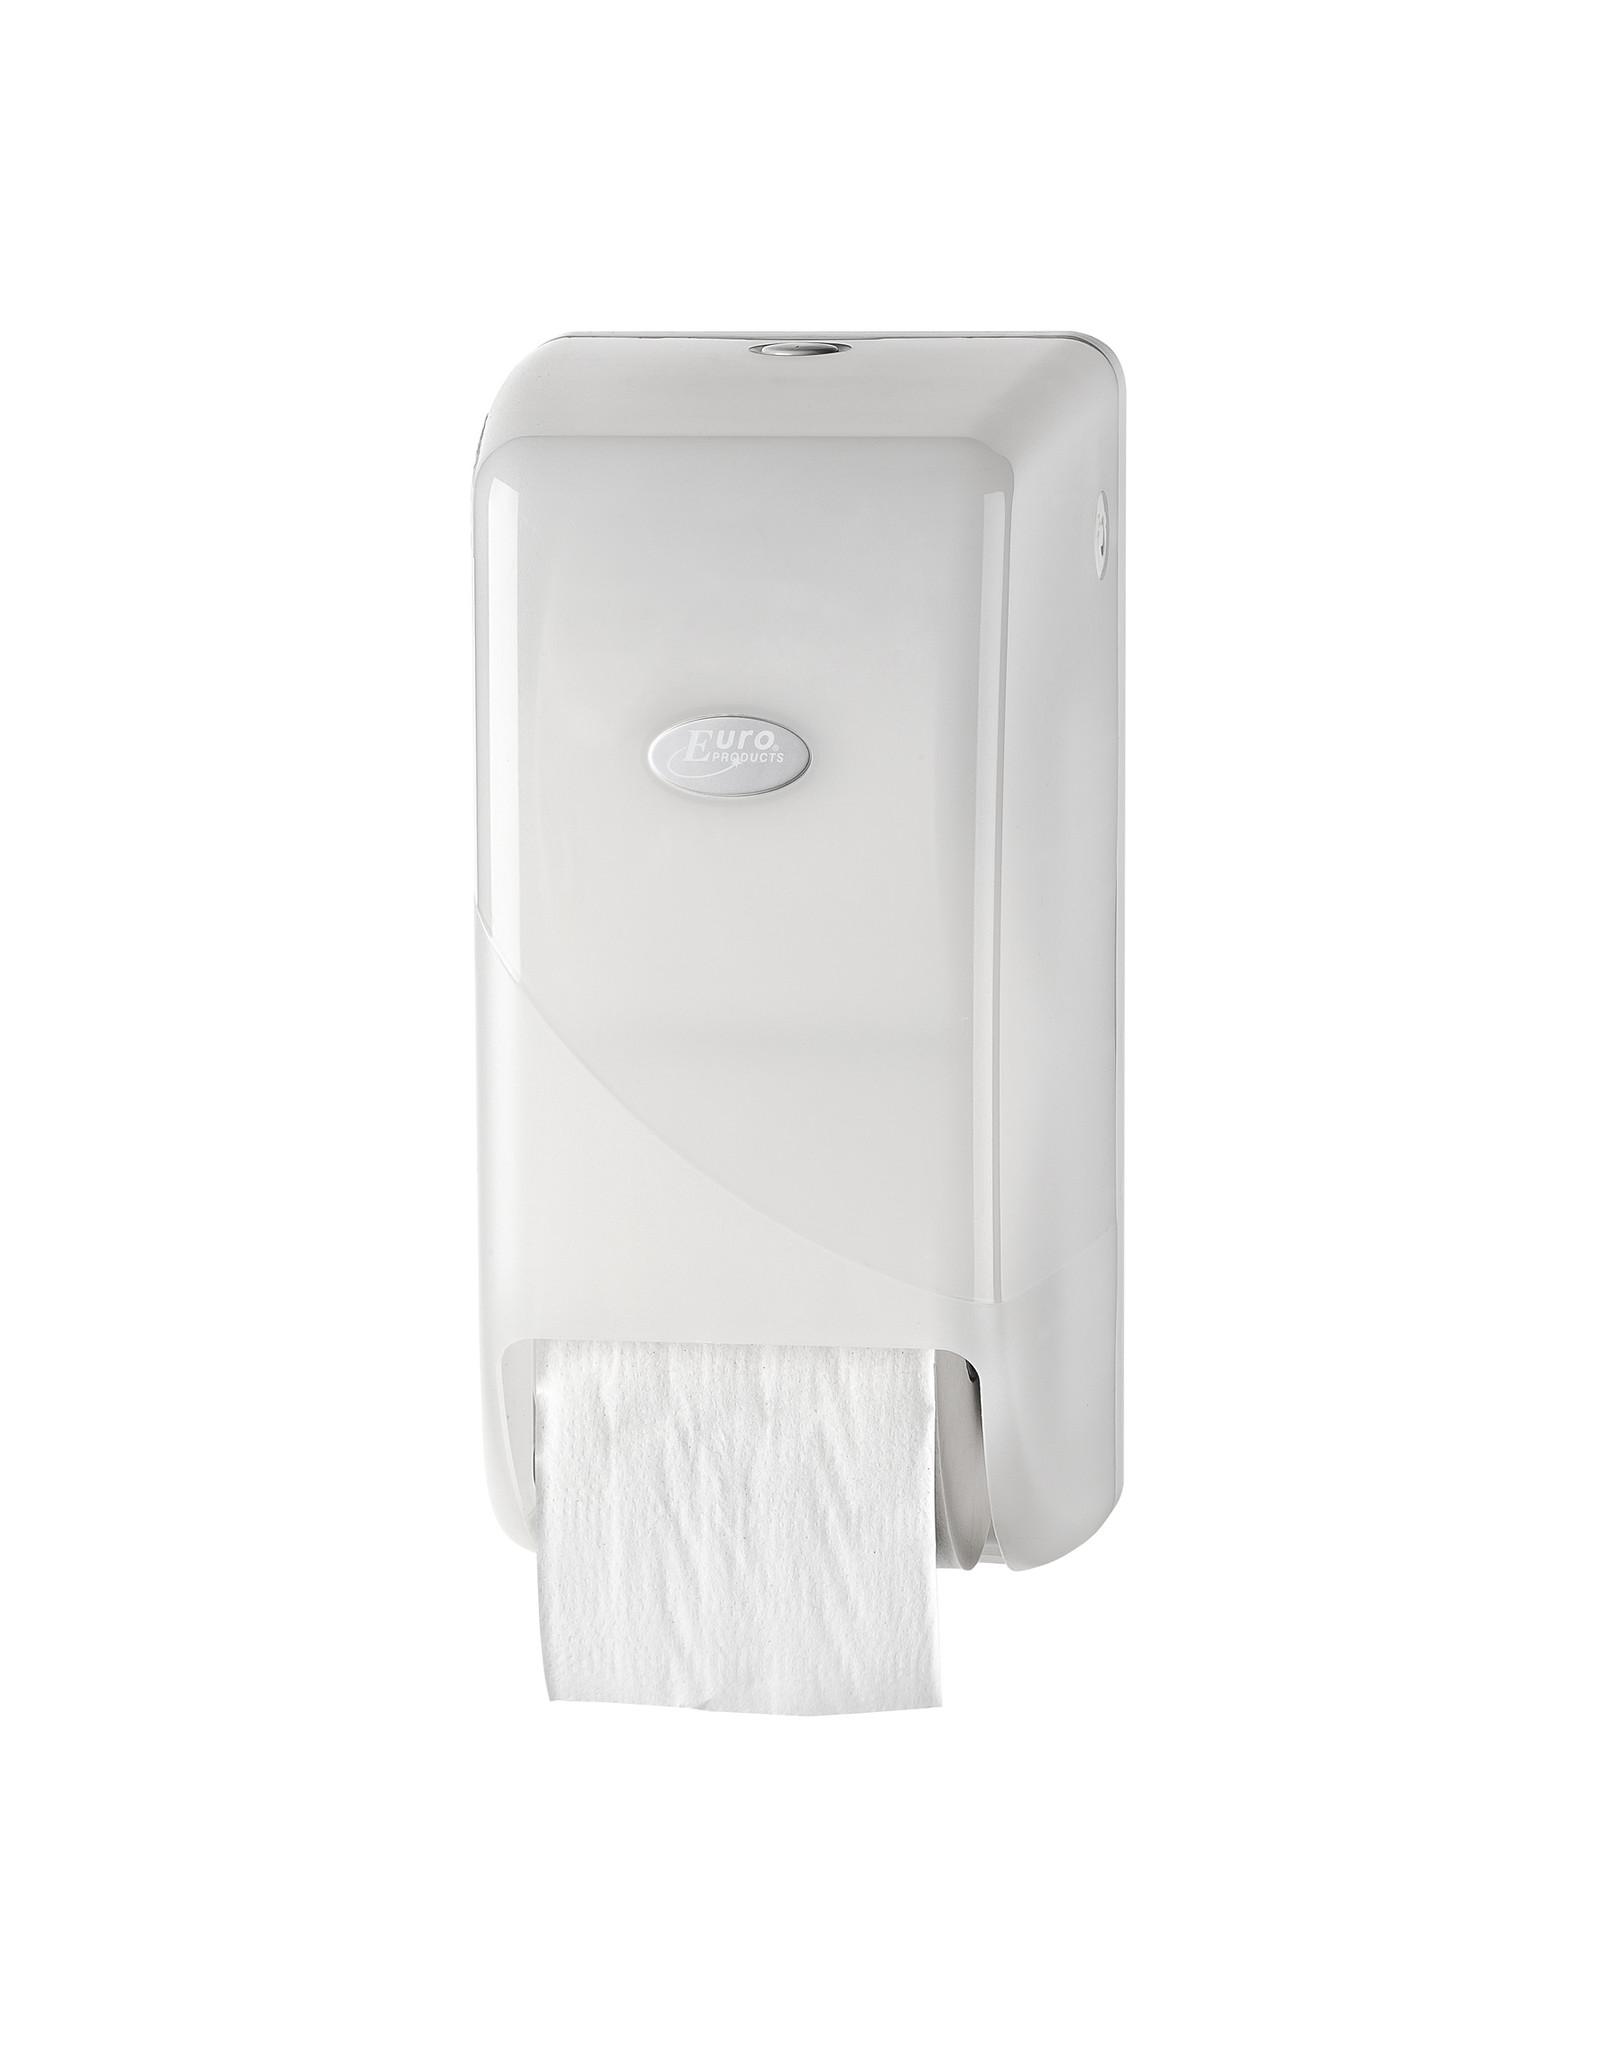 Pearl Pearl - Toiletpapierdispenser systeemrol, wit